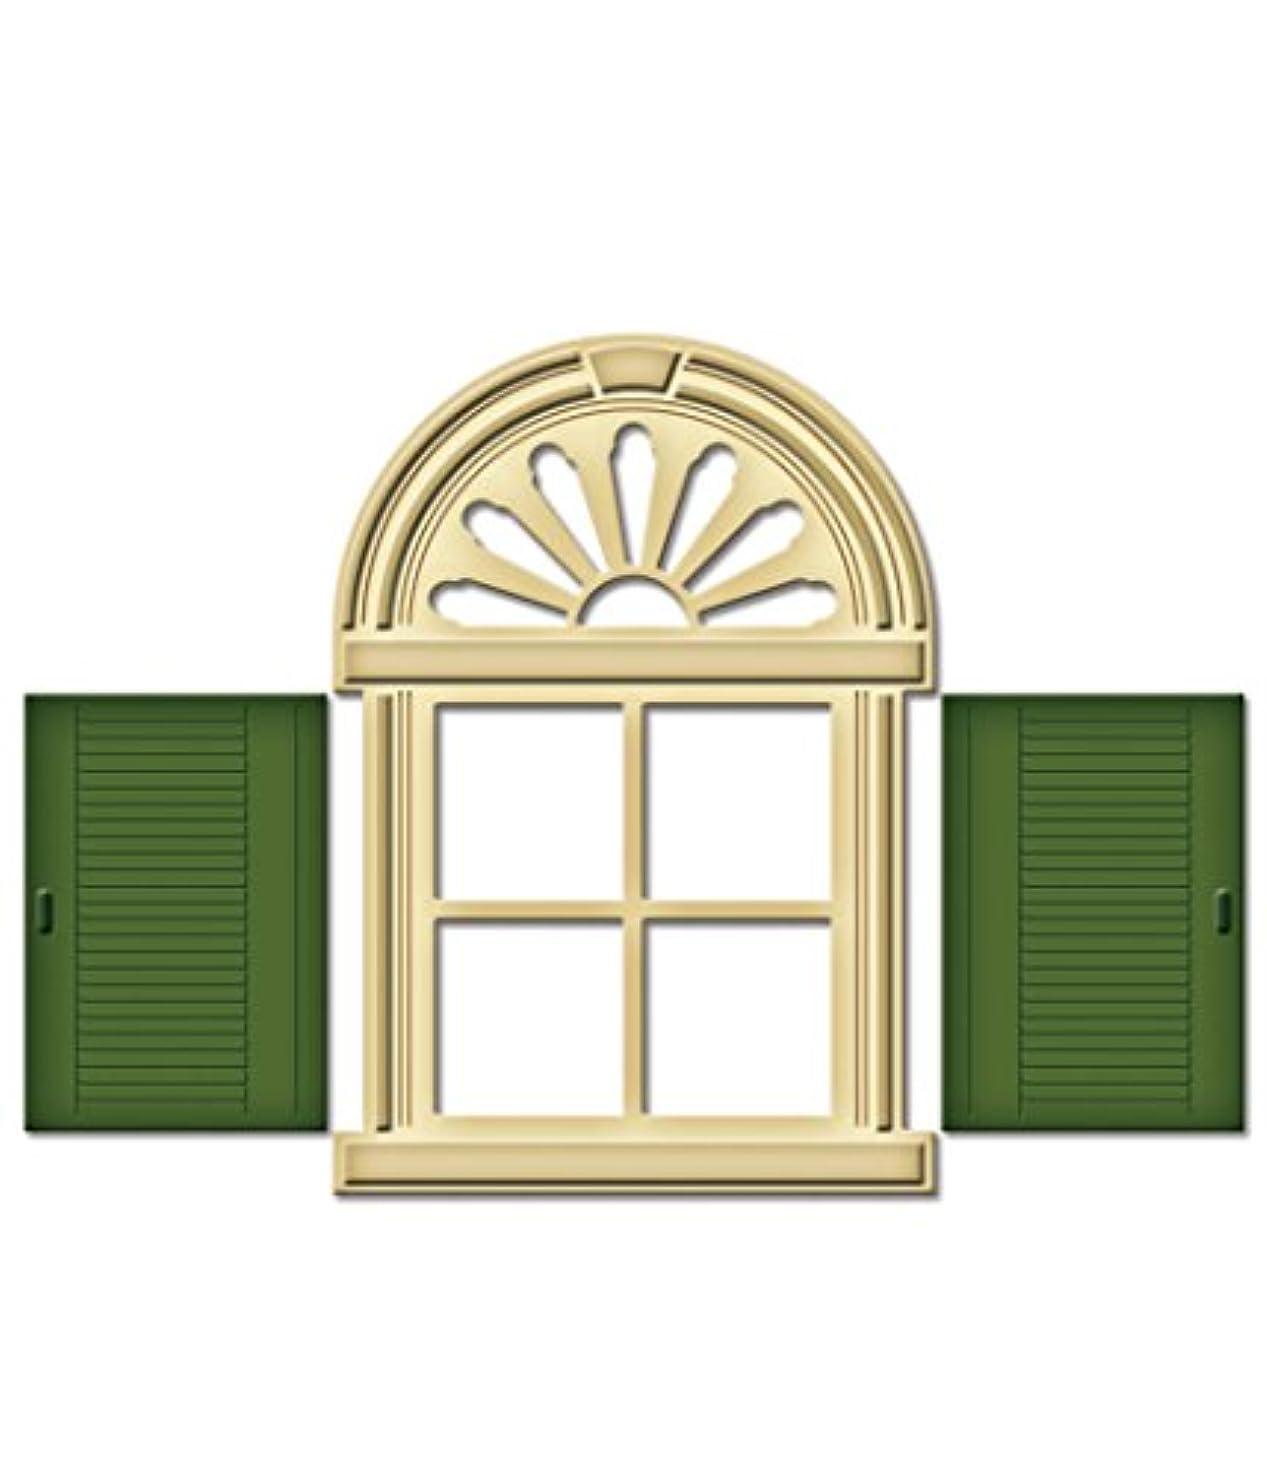 Spellbinders S2-078 Shapeabilities Die D-Lites, Shuttered Window